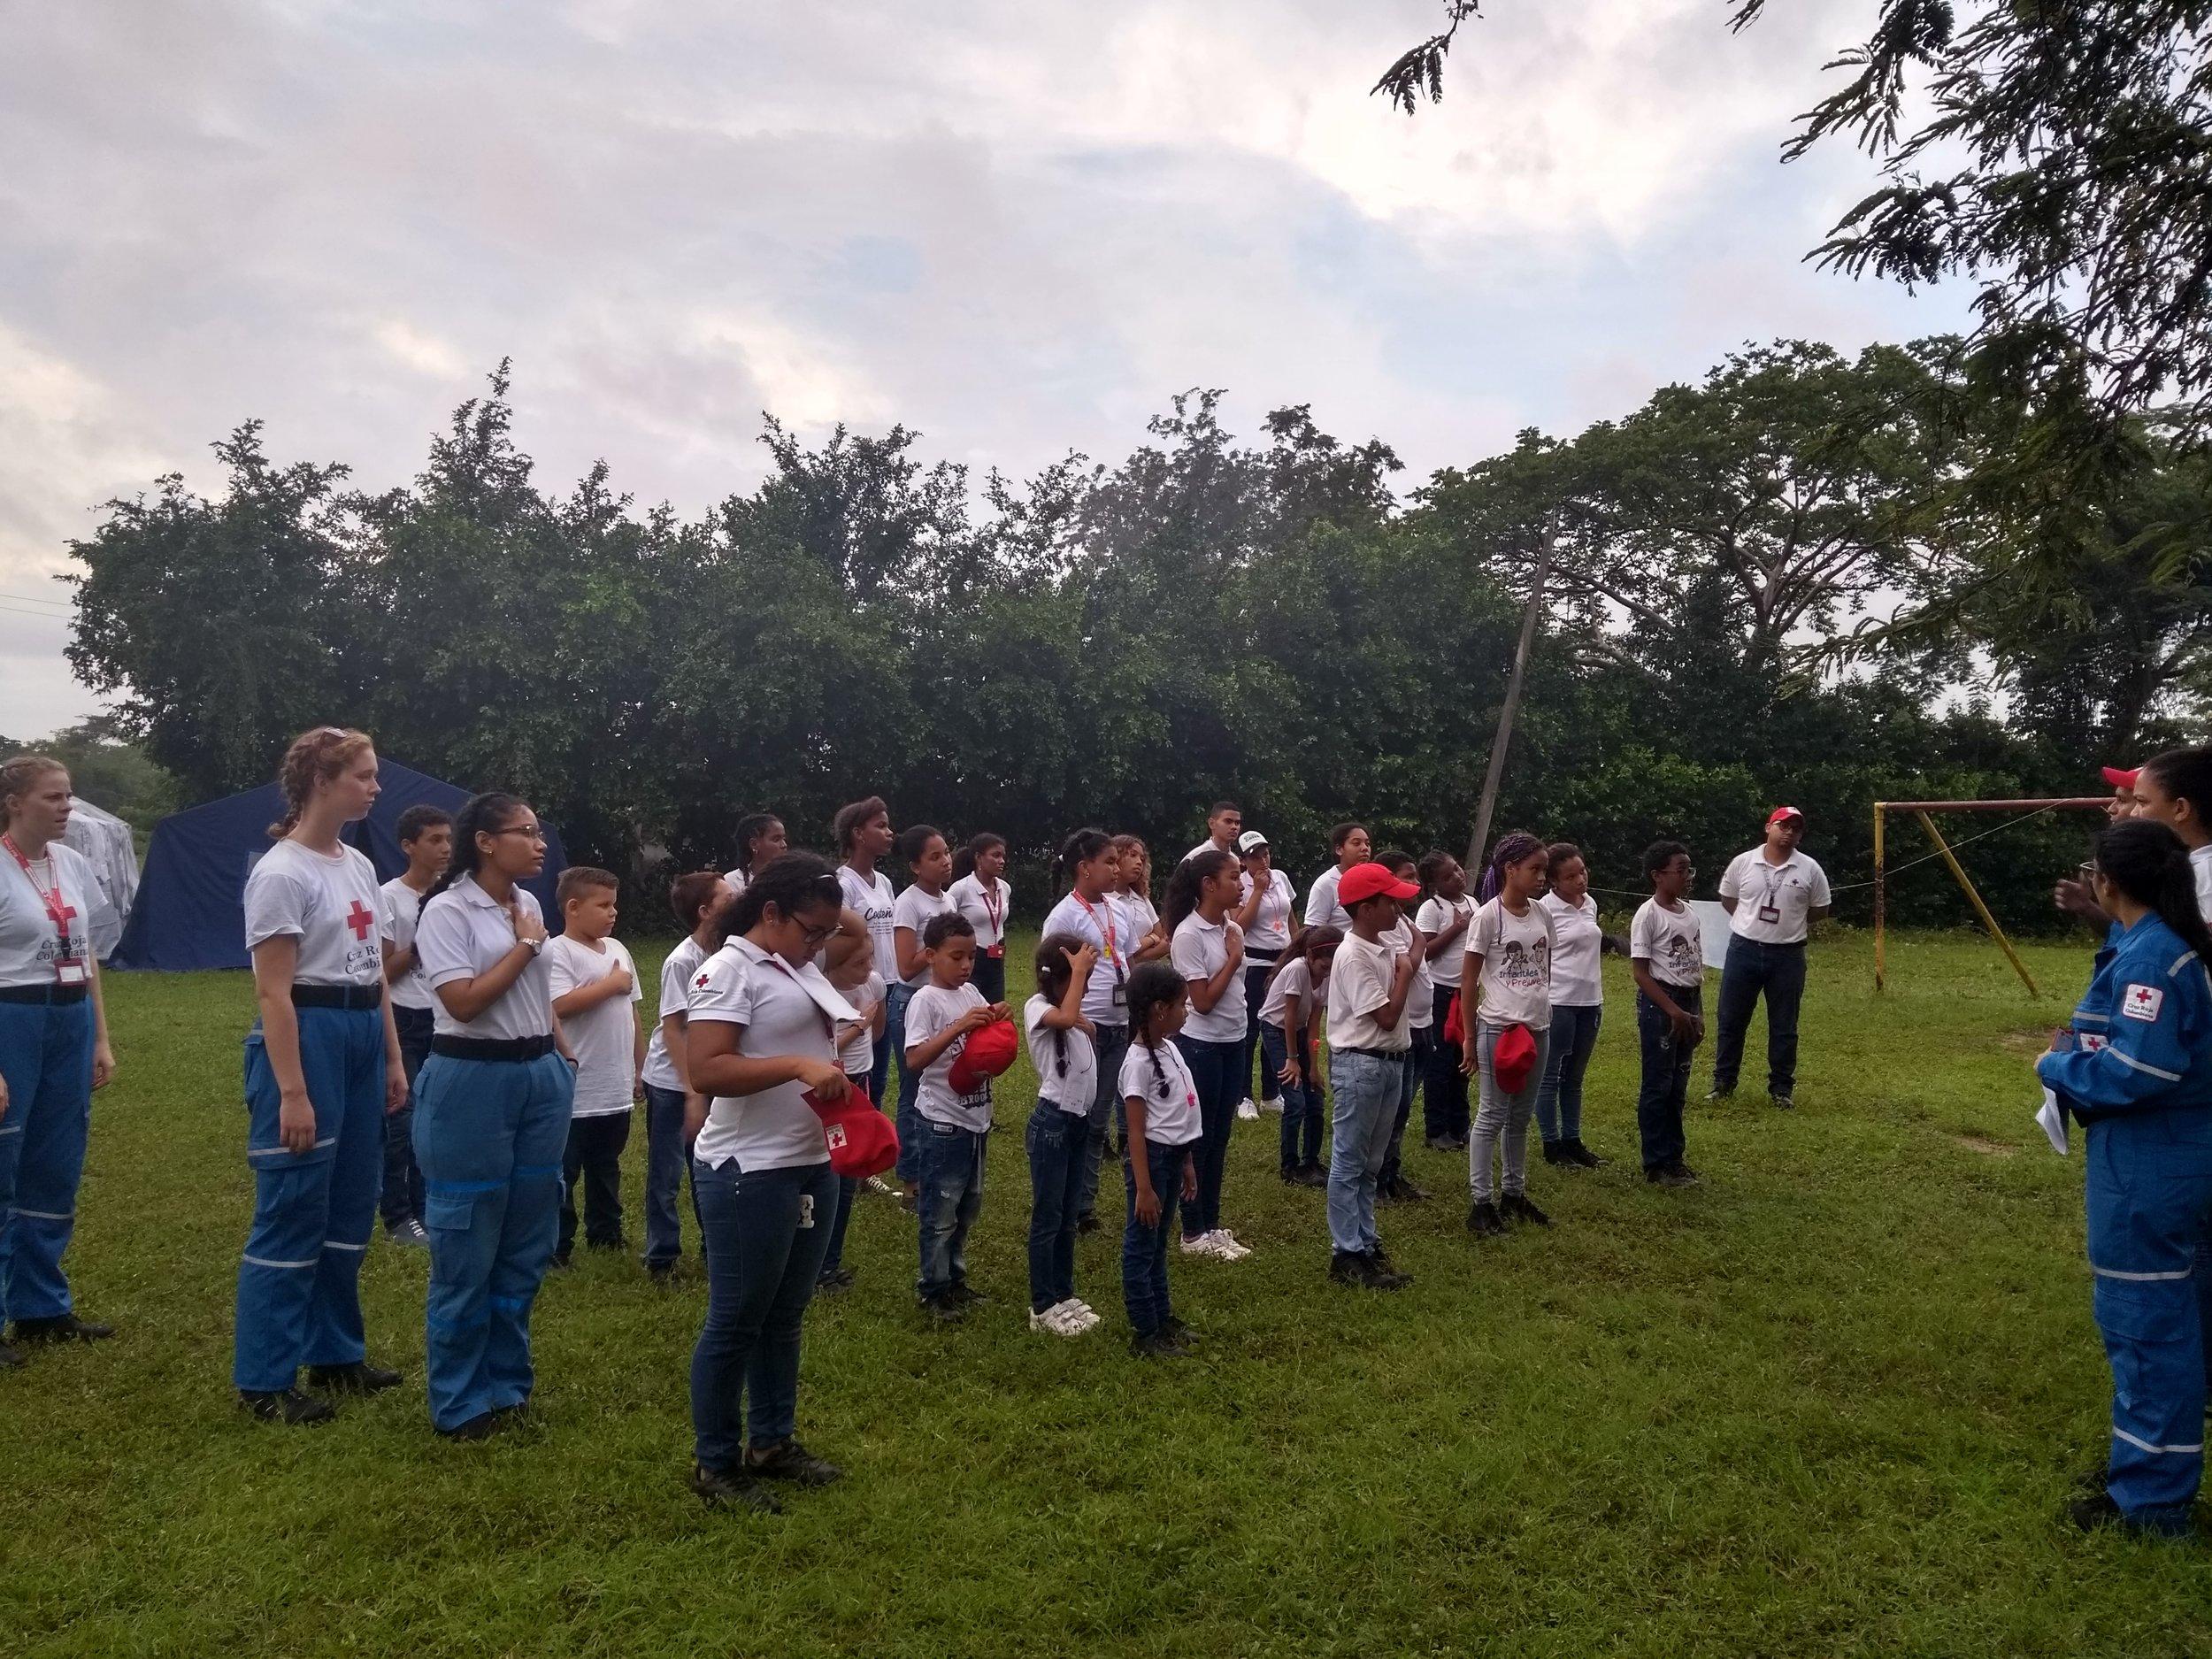 Los participantes cantan el himno de la Cruz Roja antes de que puedan comenzar las actividades.